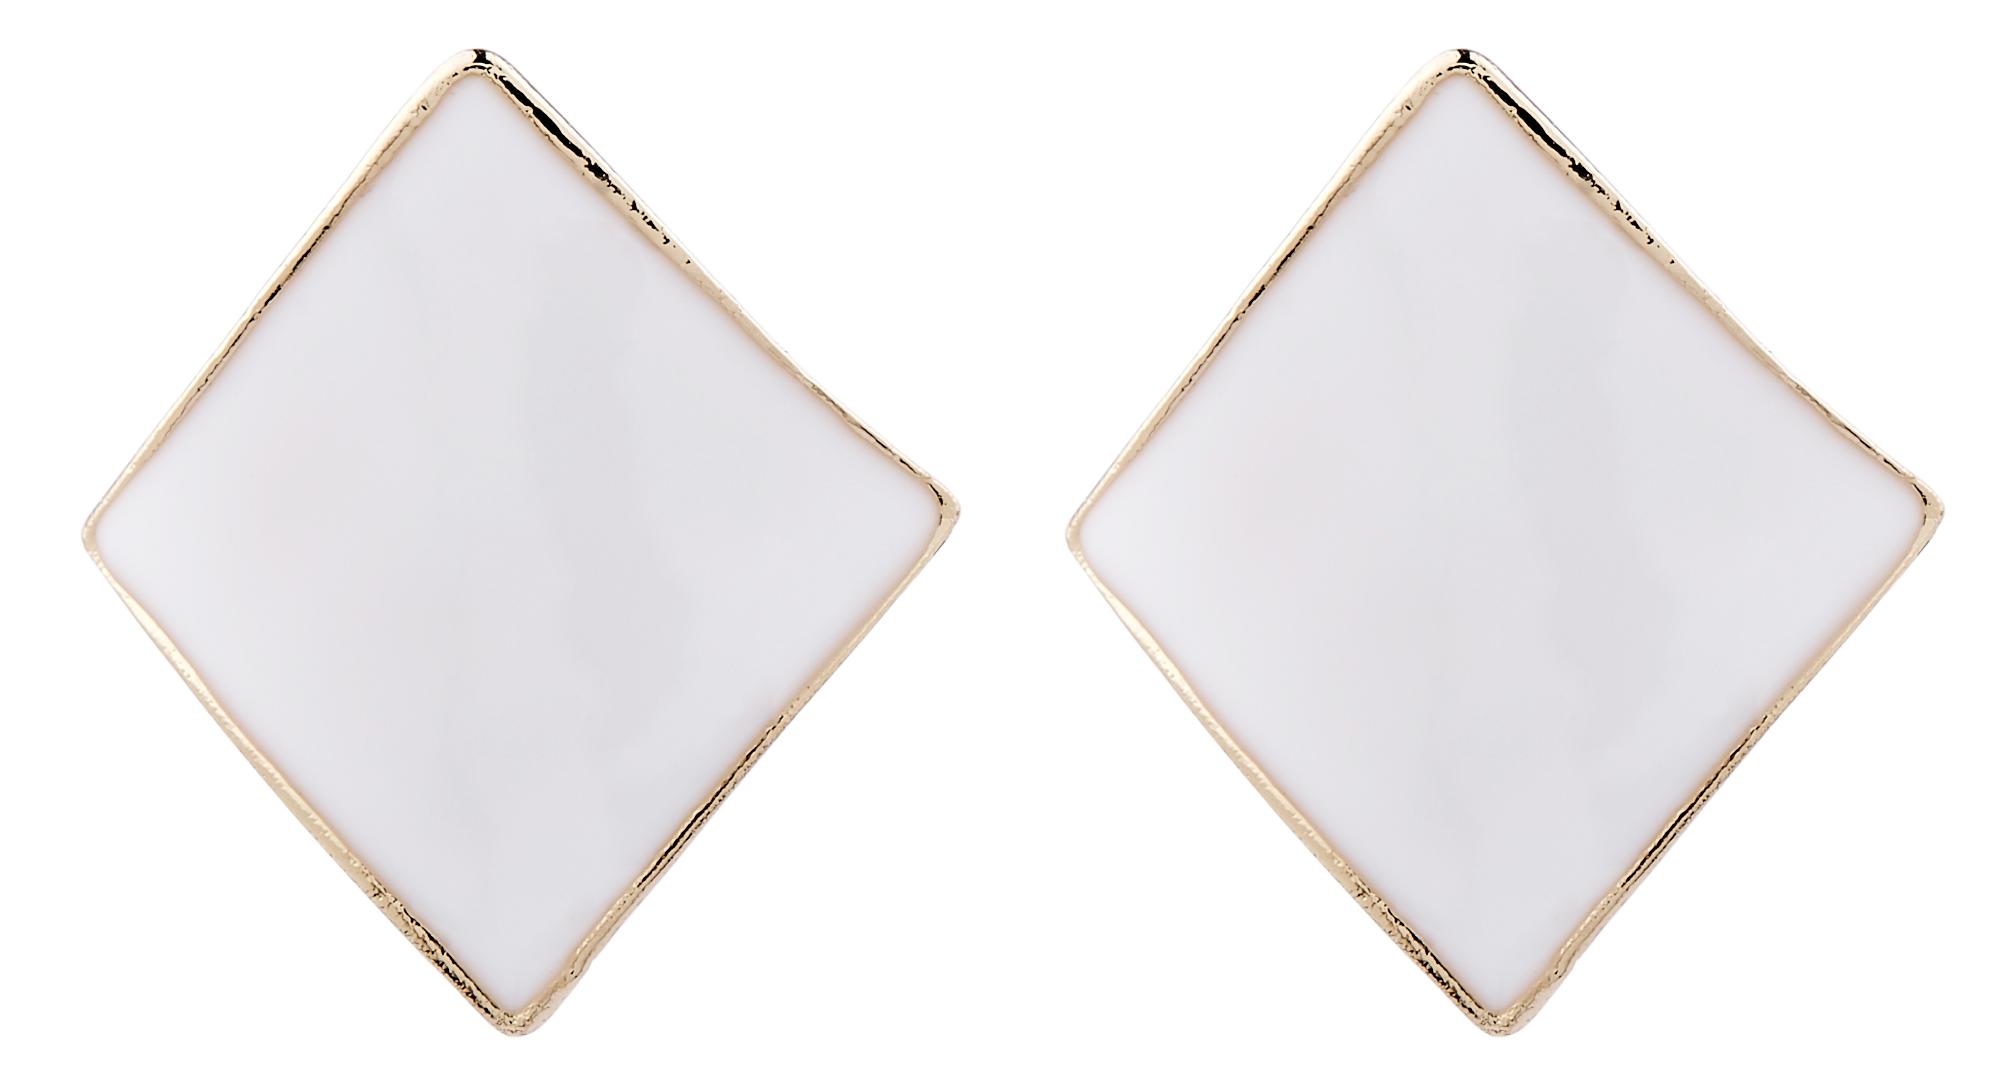 Clip On Earrings - Billie W - gold stud earring with white enamel